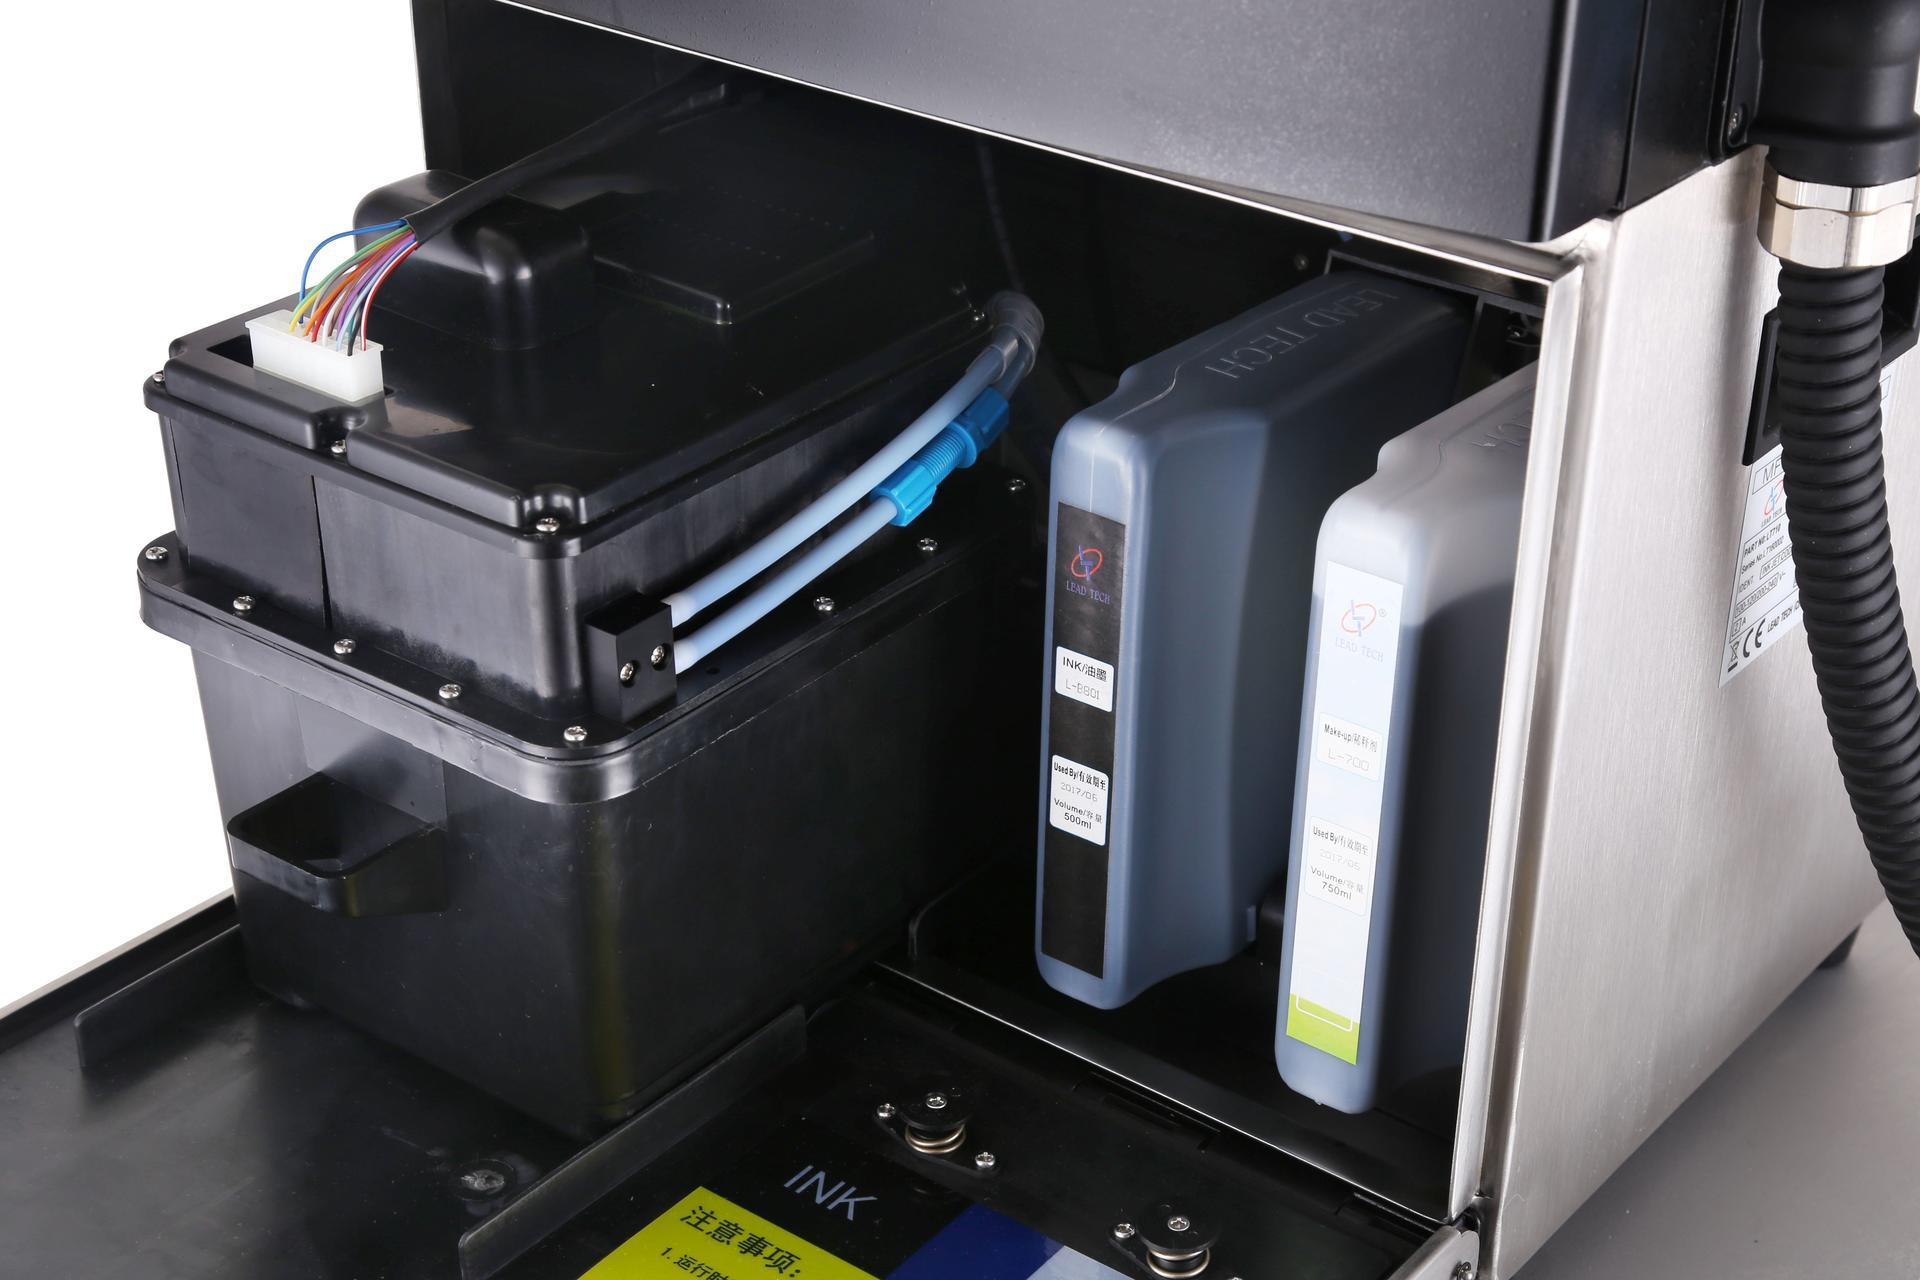 Lead Tech Lt710 Cij Inkjet Printer for HDPE Coding